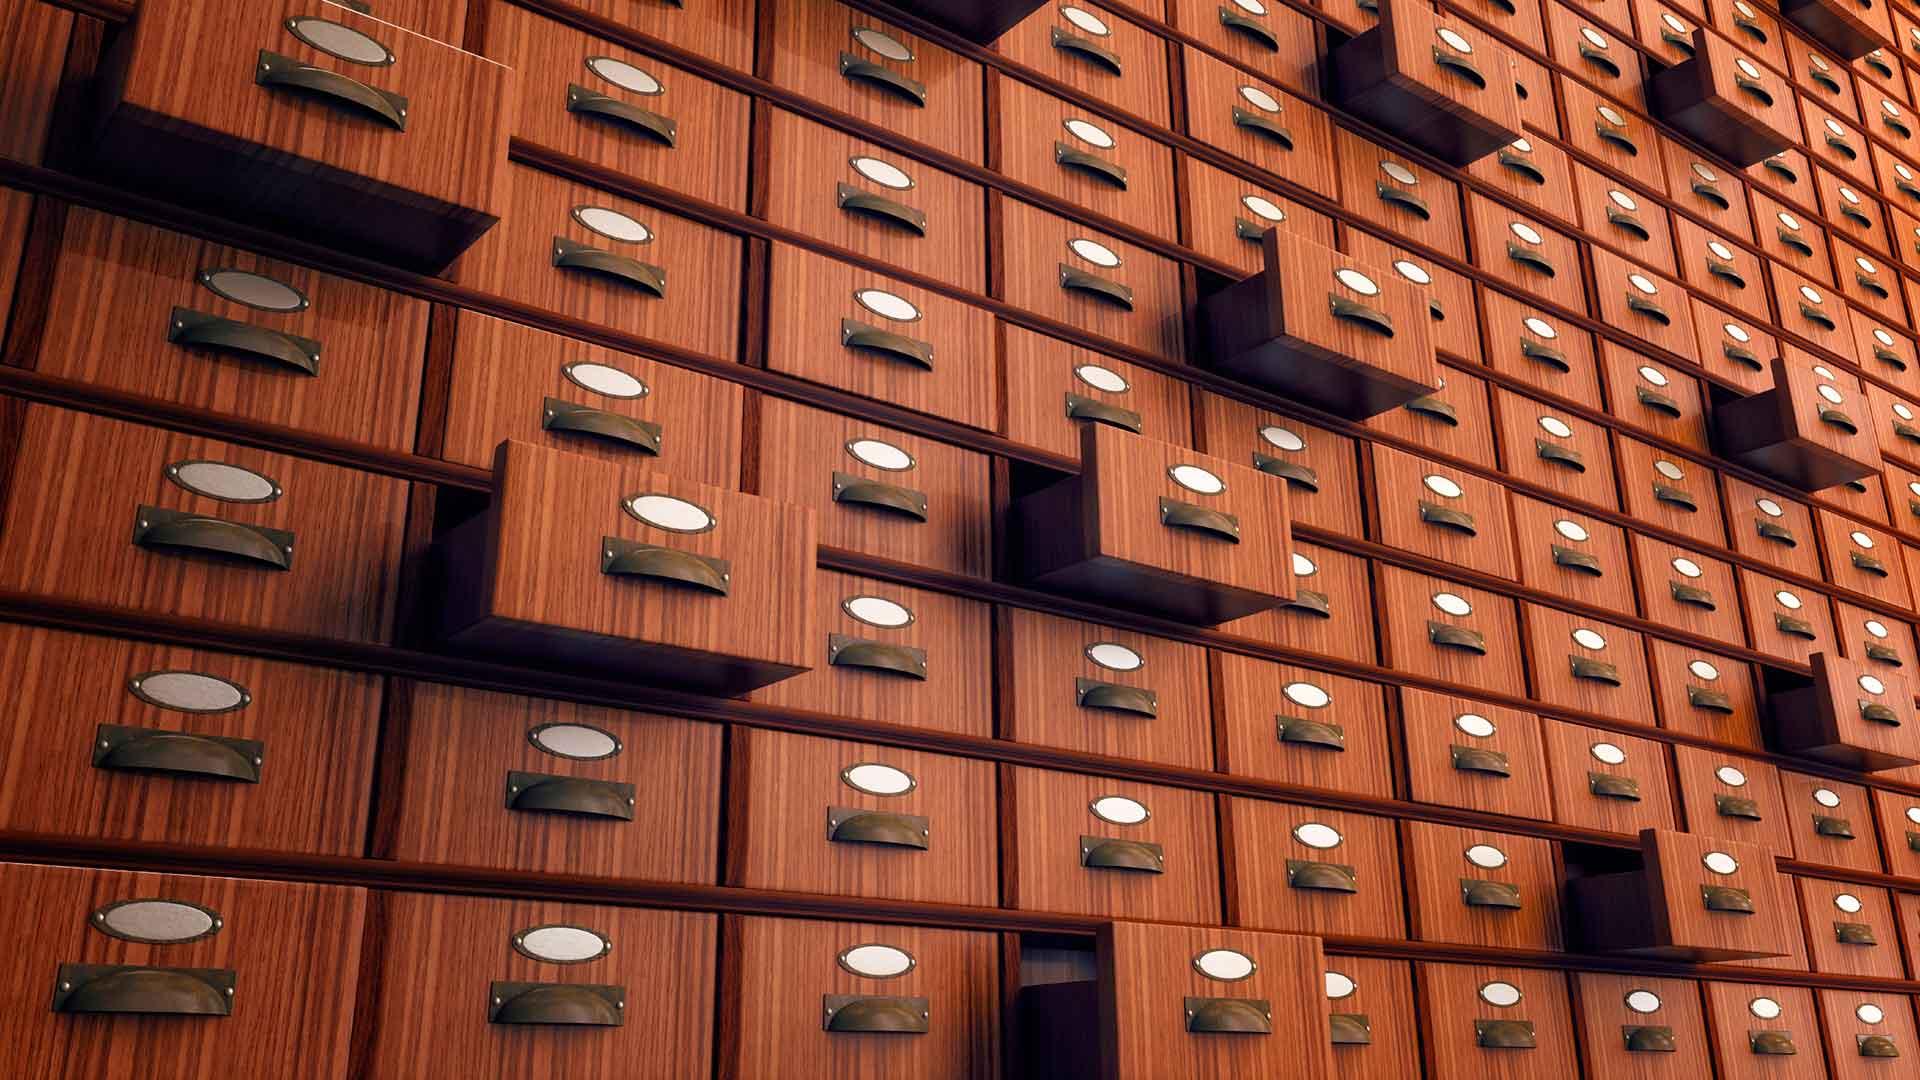 Cum faci împarțirea în mai multe arhive a unui fișier storeday ramnicu sarat informatica